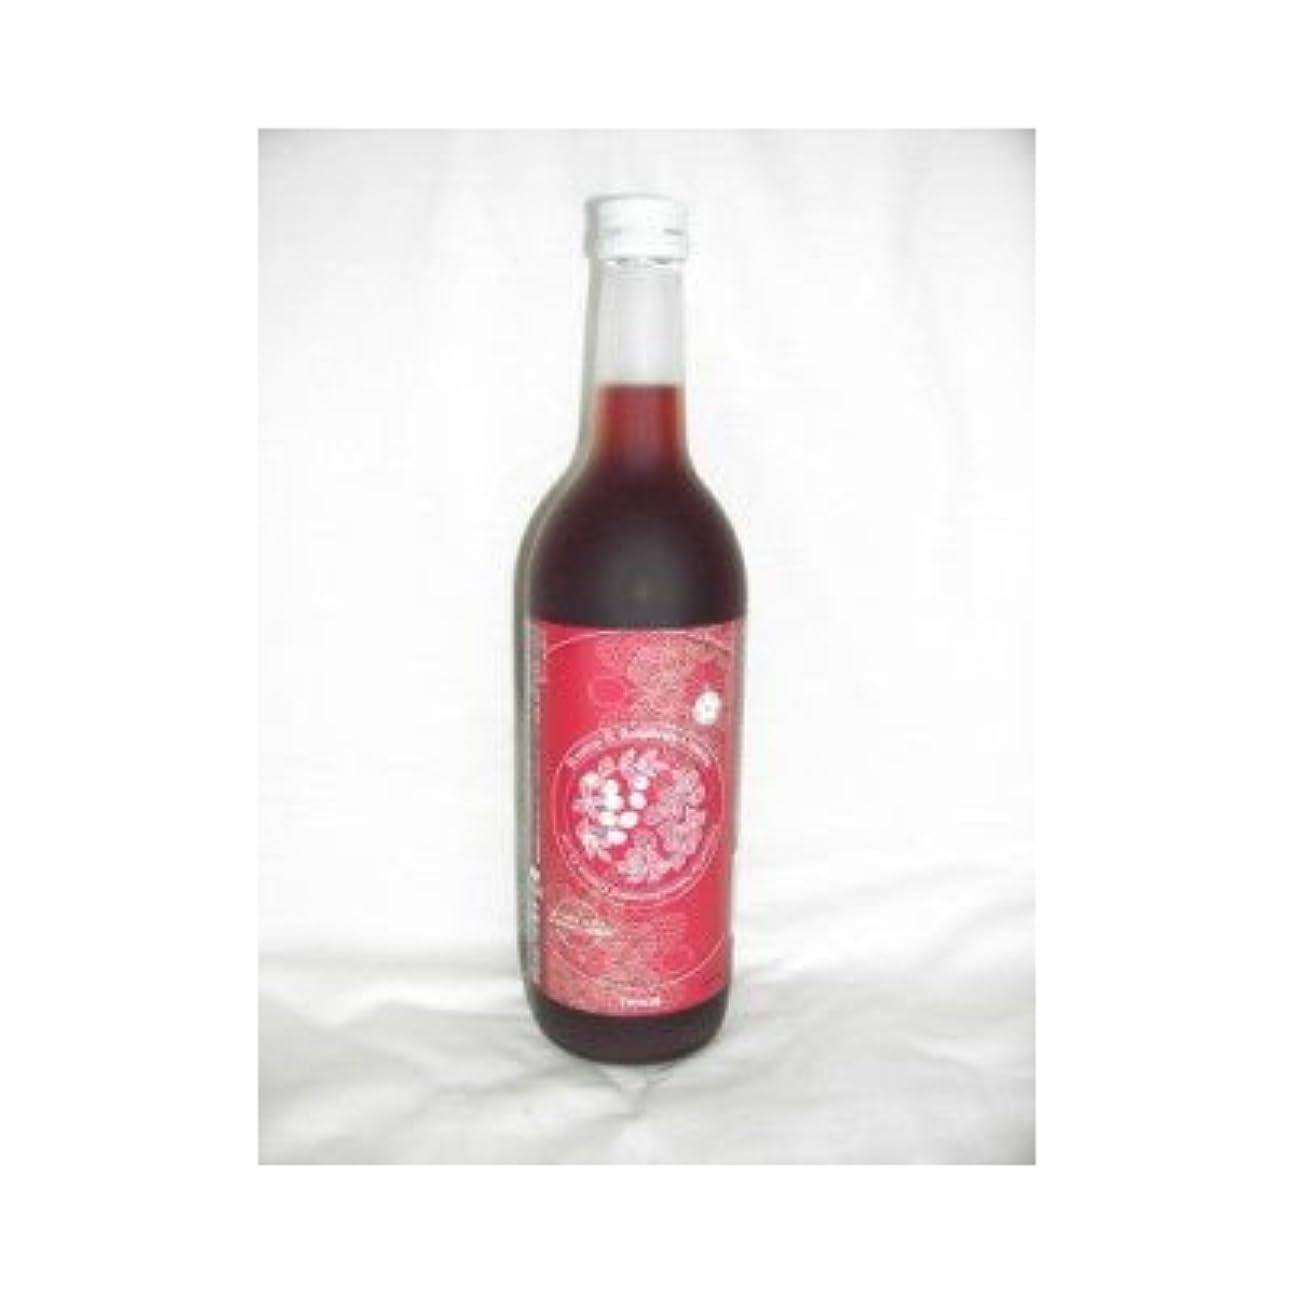 生産的スリンクくすぐったいローズヒップとラズベリーの梅酒 720ml 10度 [中野BC 和歌山県 梅酒 甲類焼酎ベース]